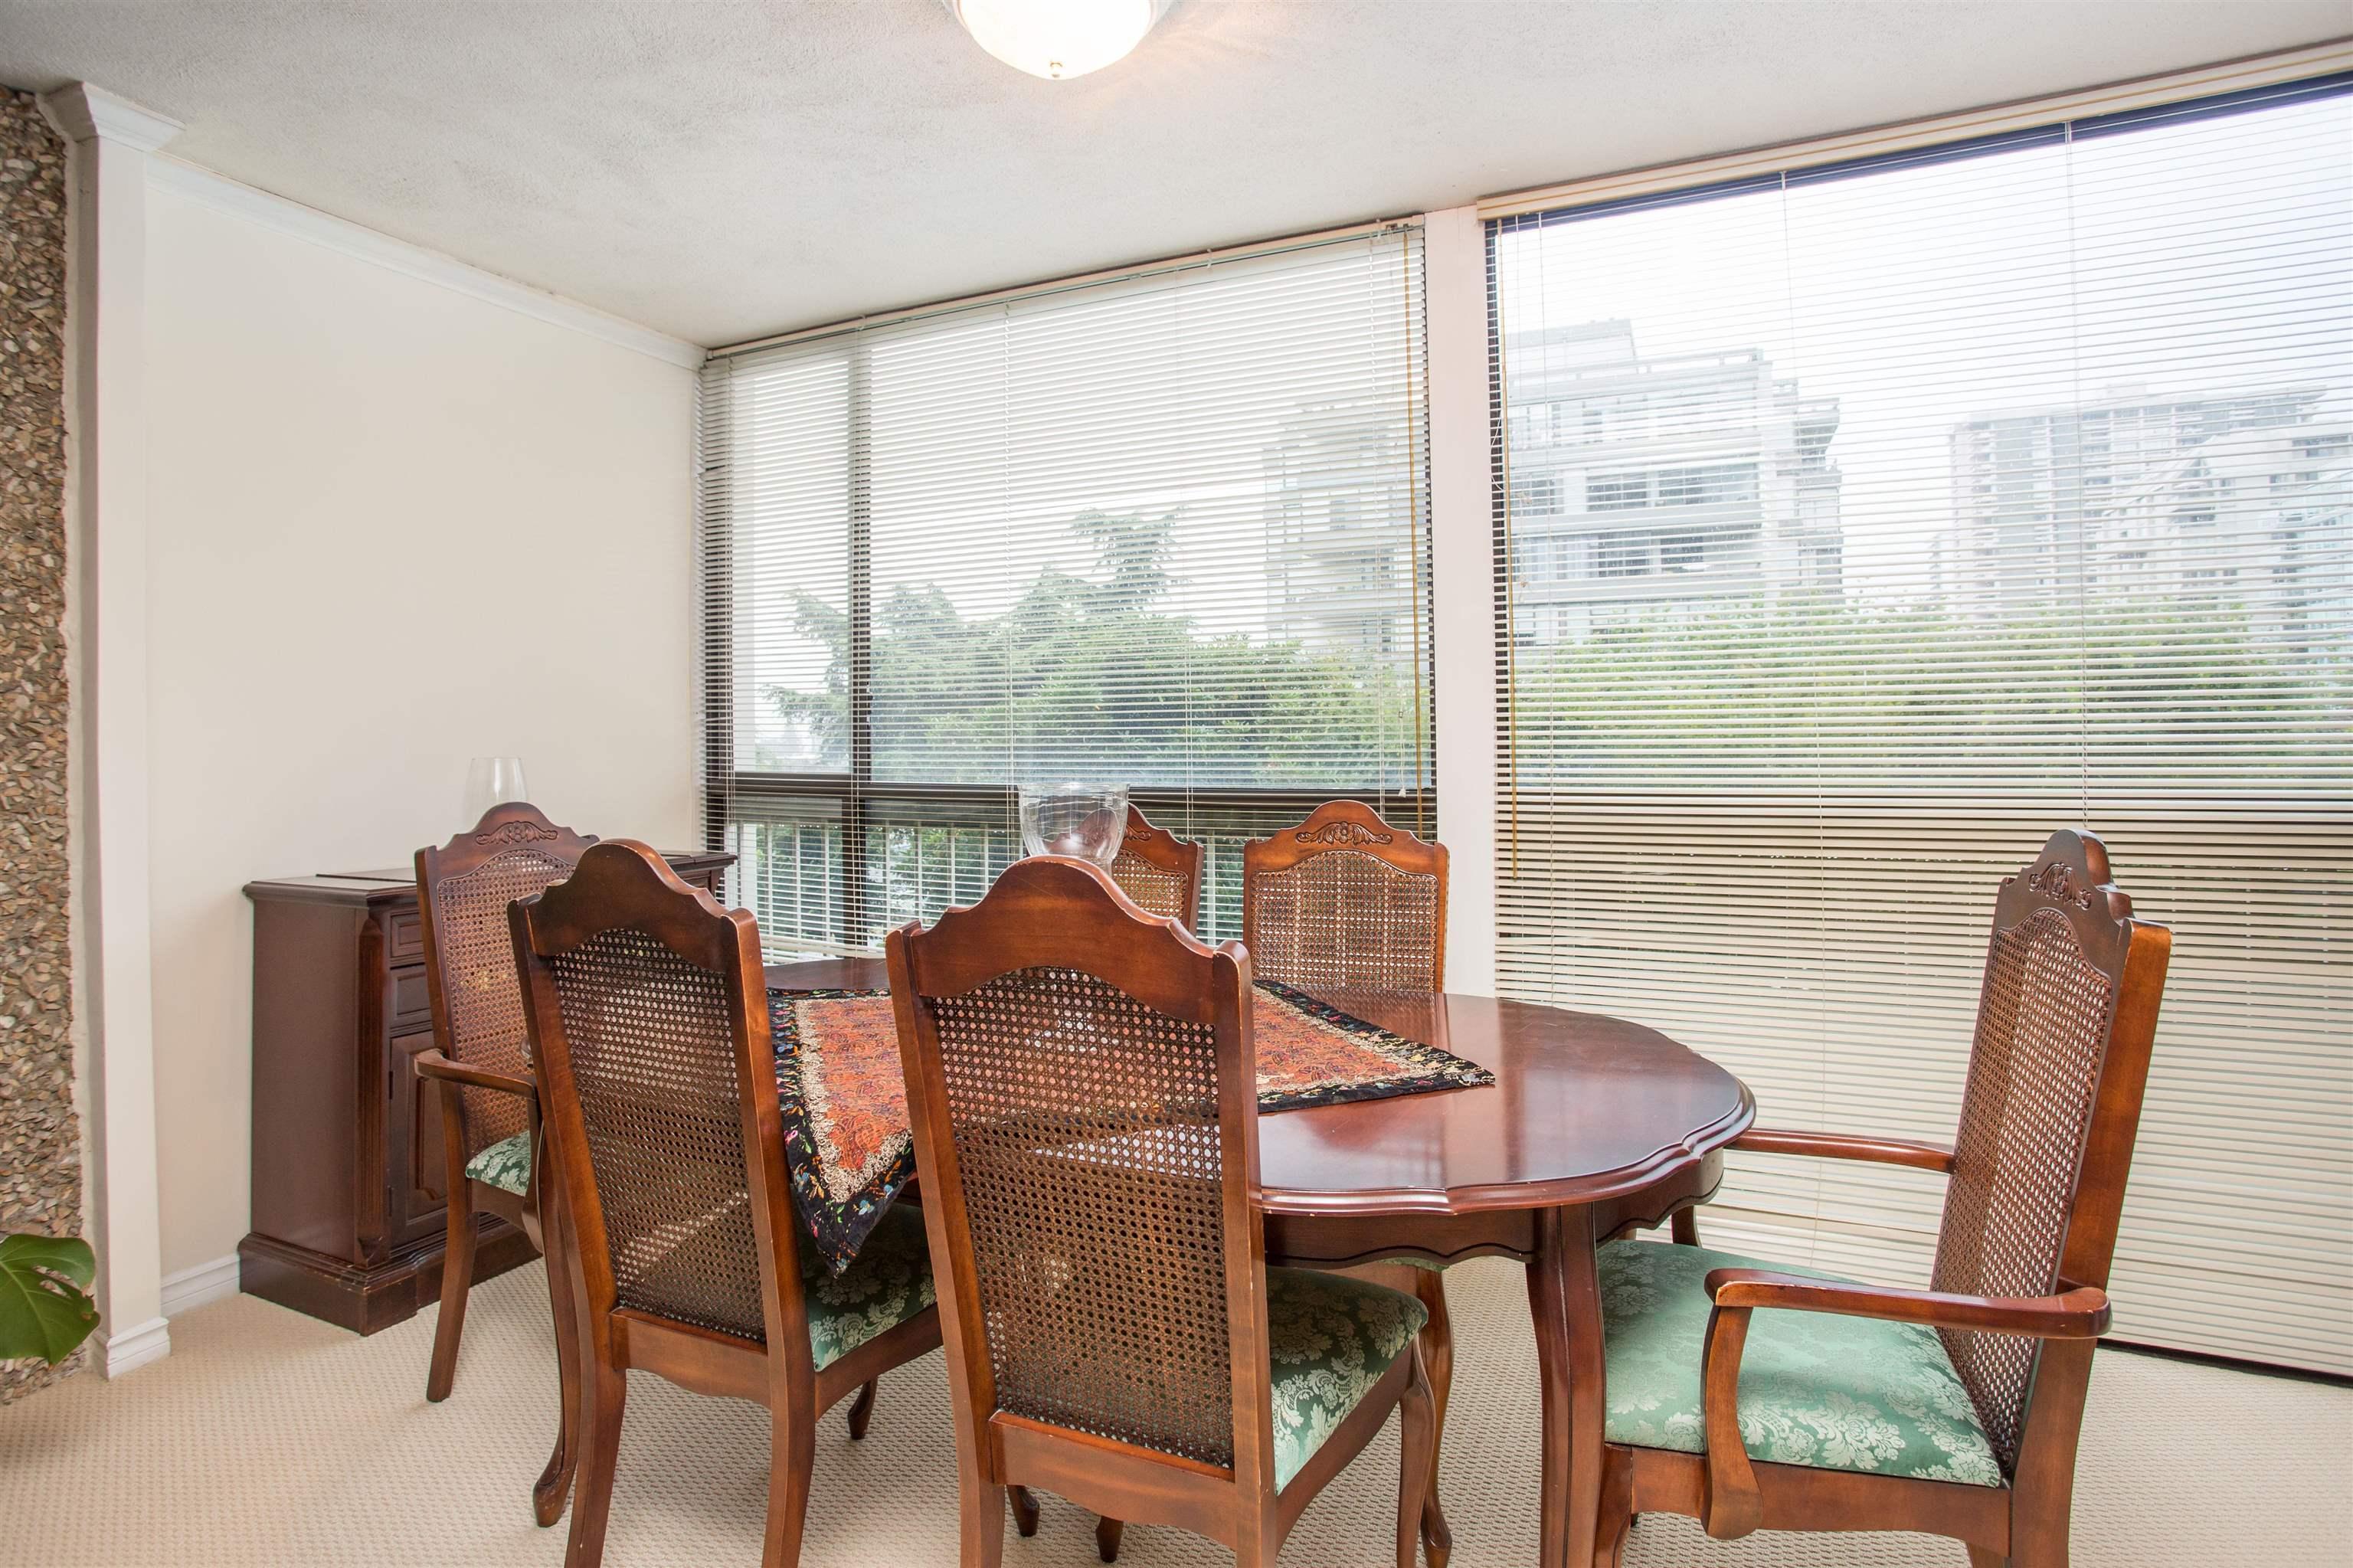 203 1390 DUCHESS AVENUE - Ambleside Apartment/Condo for sale, 1 Bedroom (R2611618) - #9